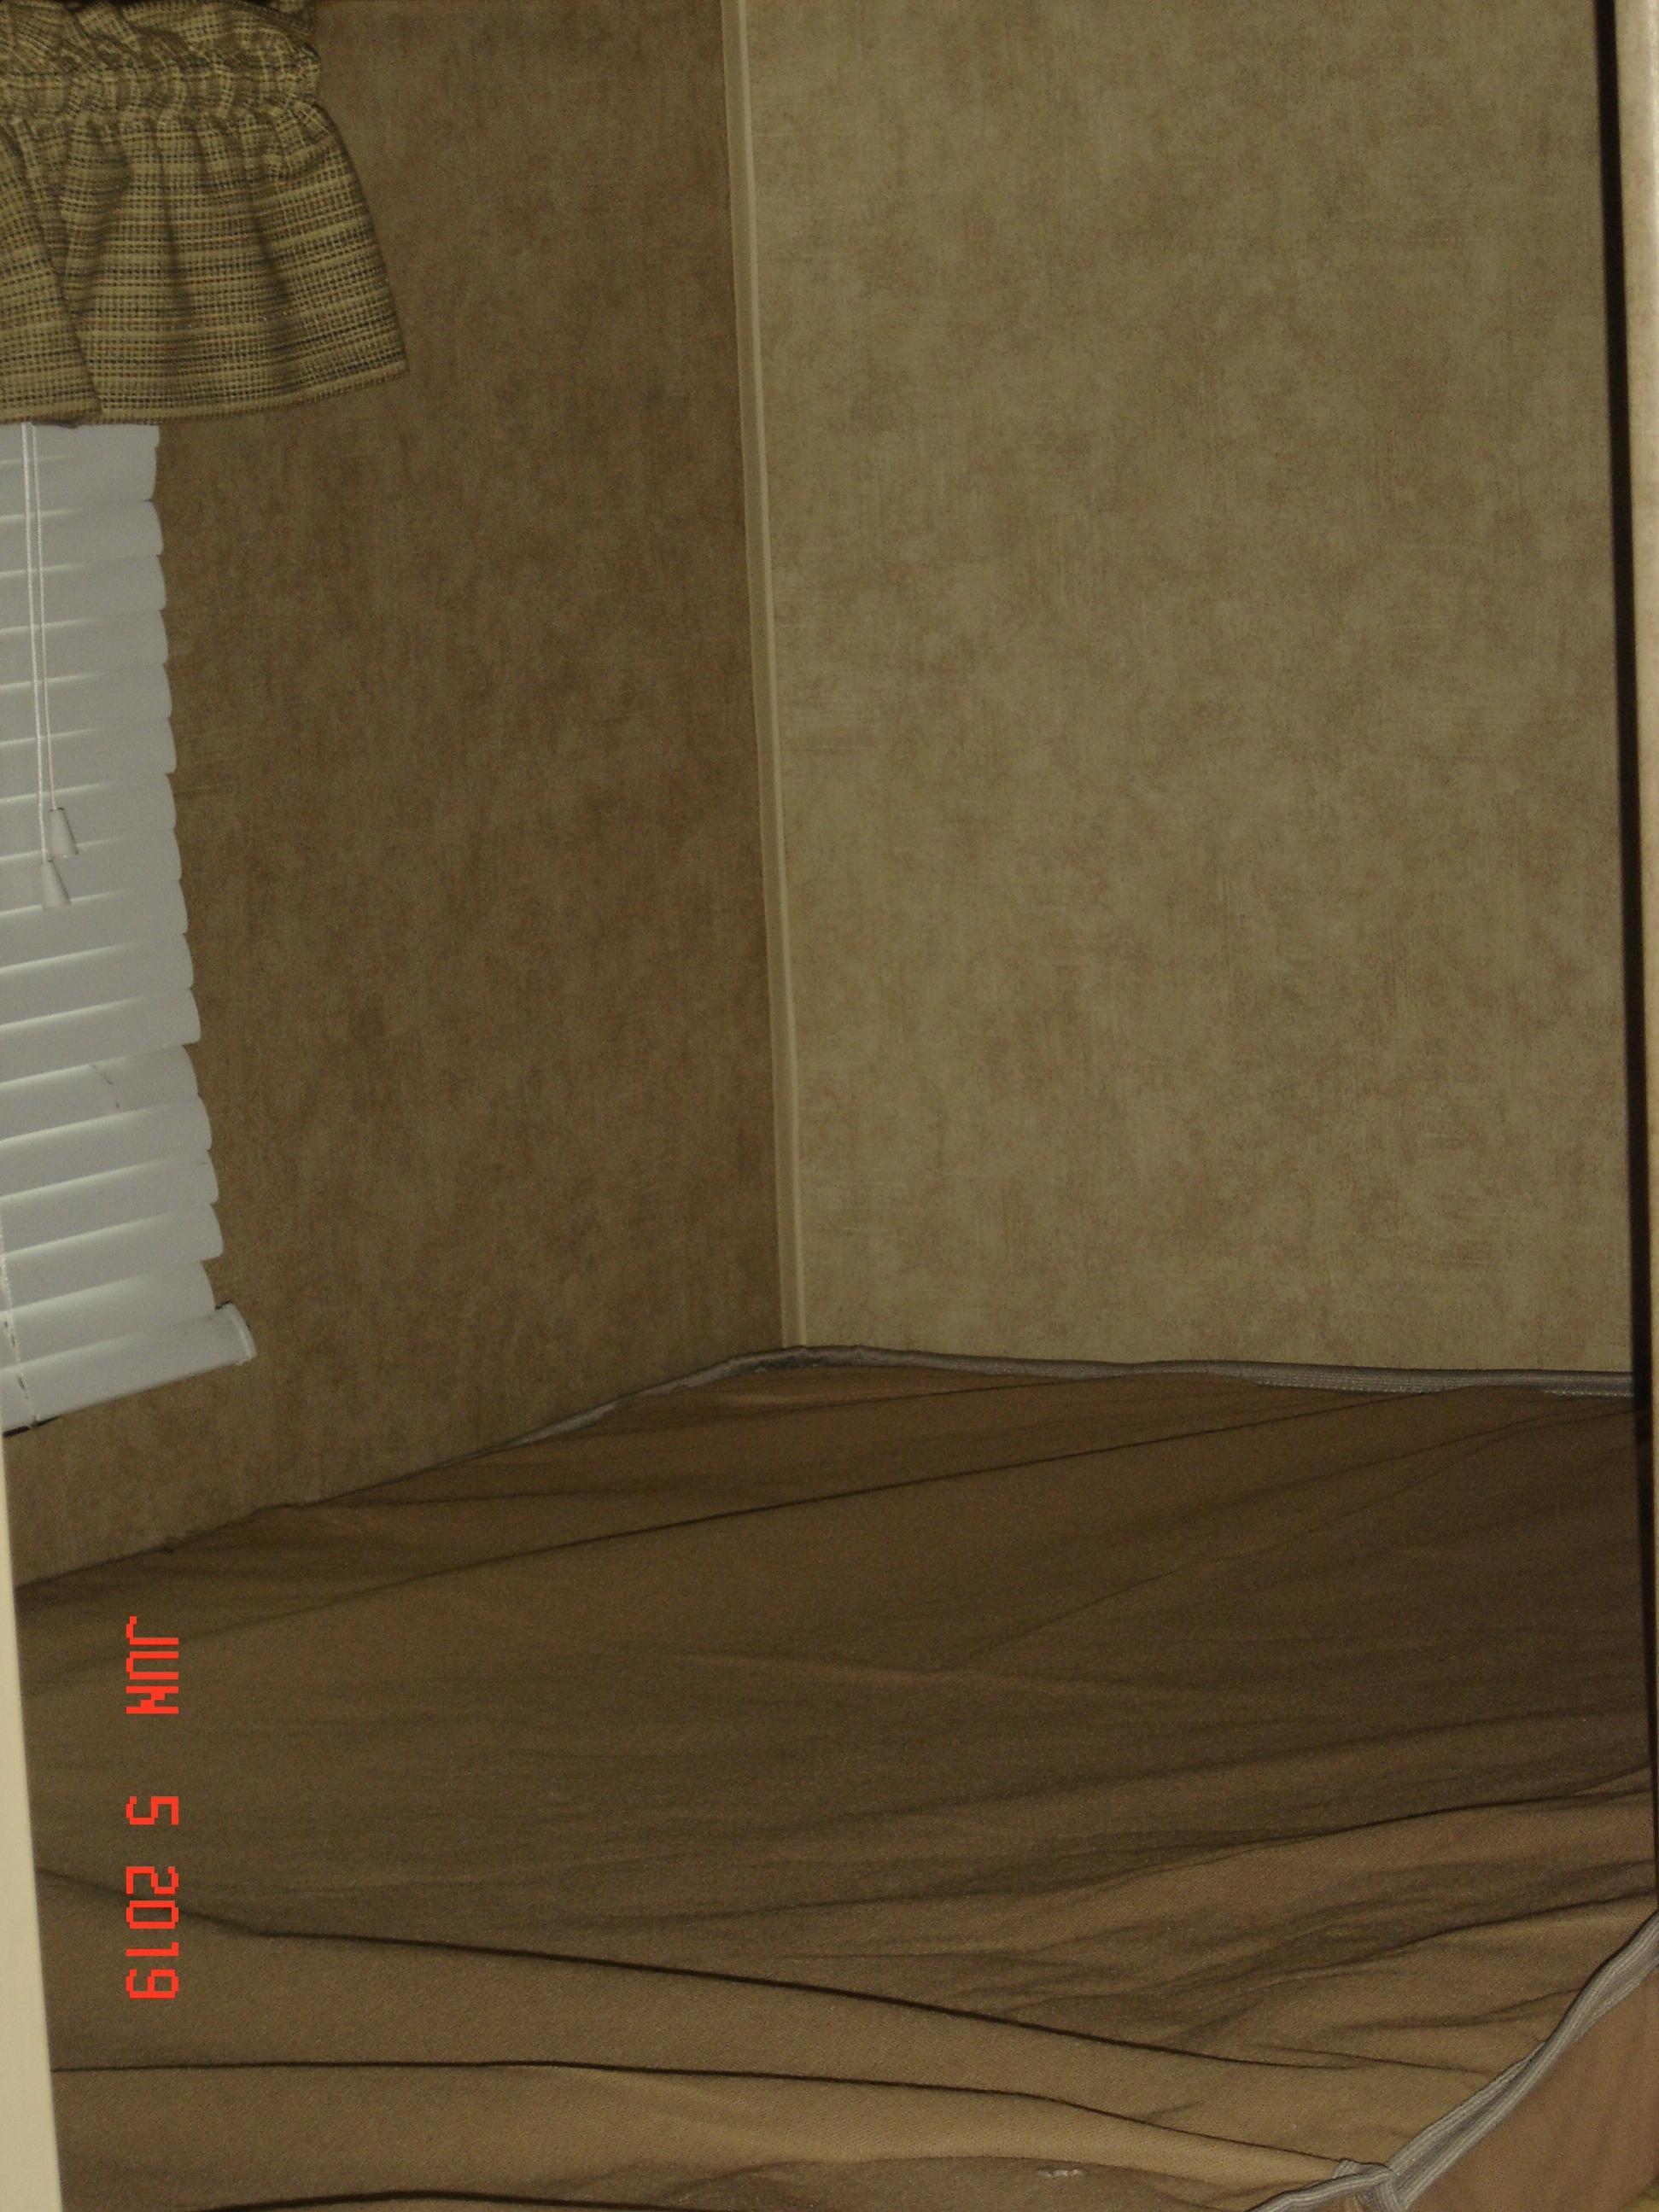 Name:  DSC05242.jpg Views: 340 Size:  475.6 KB